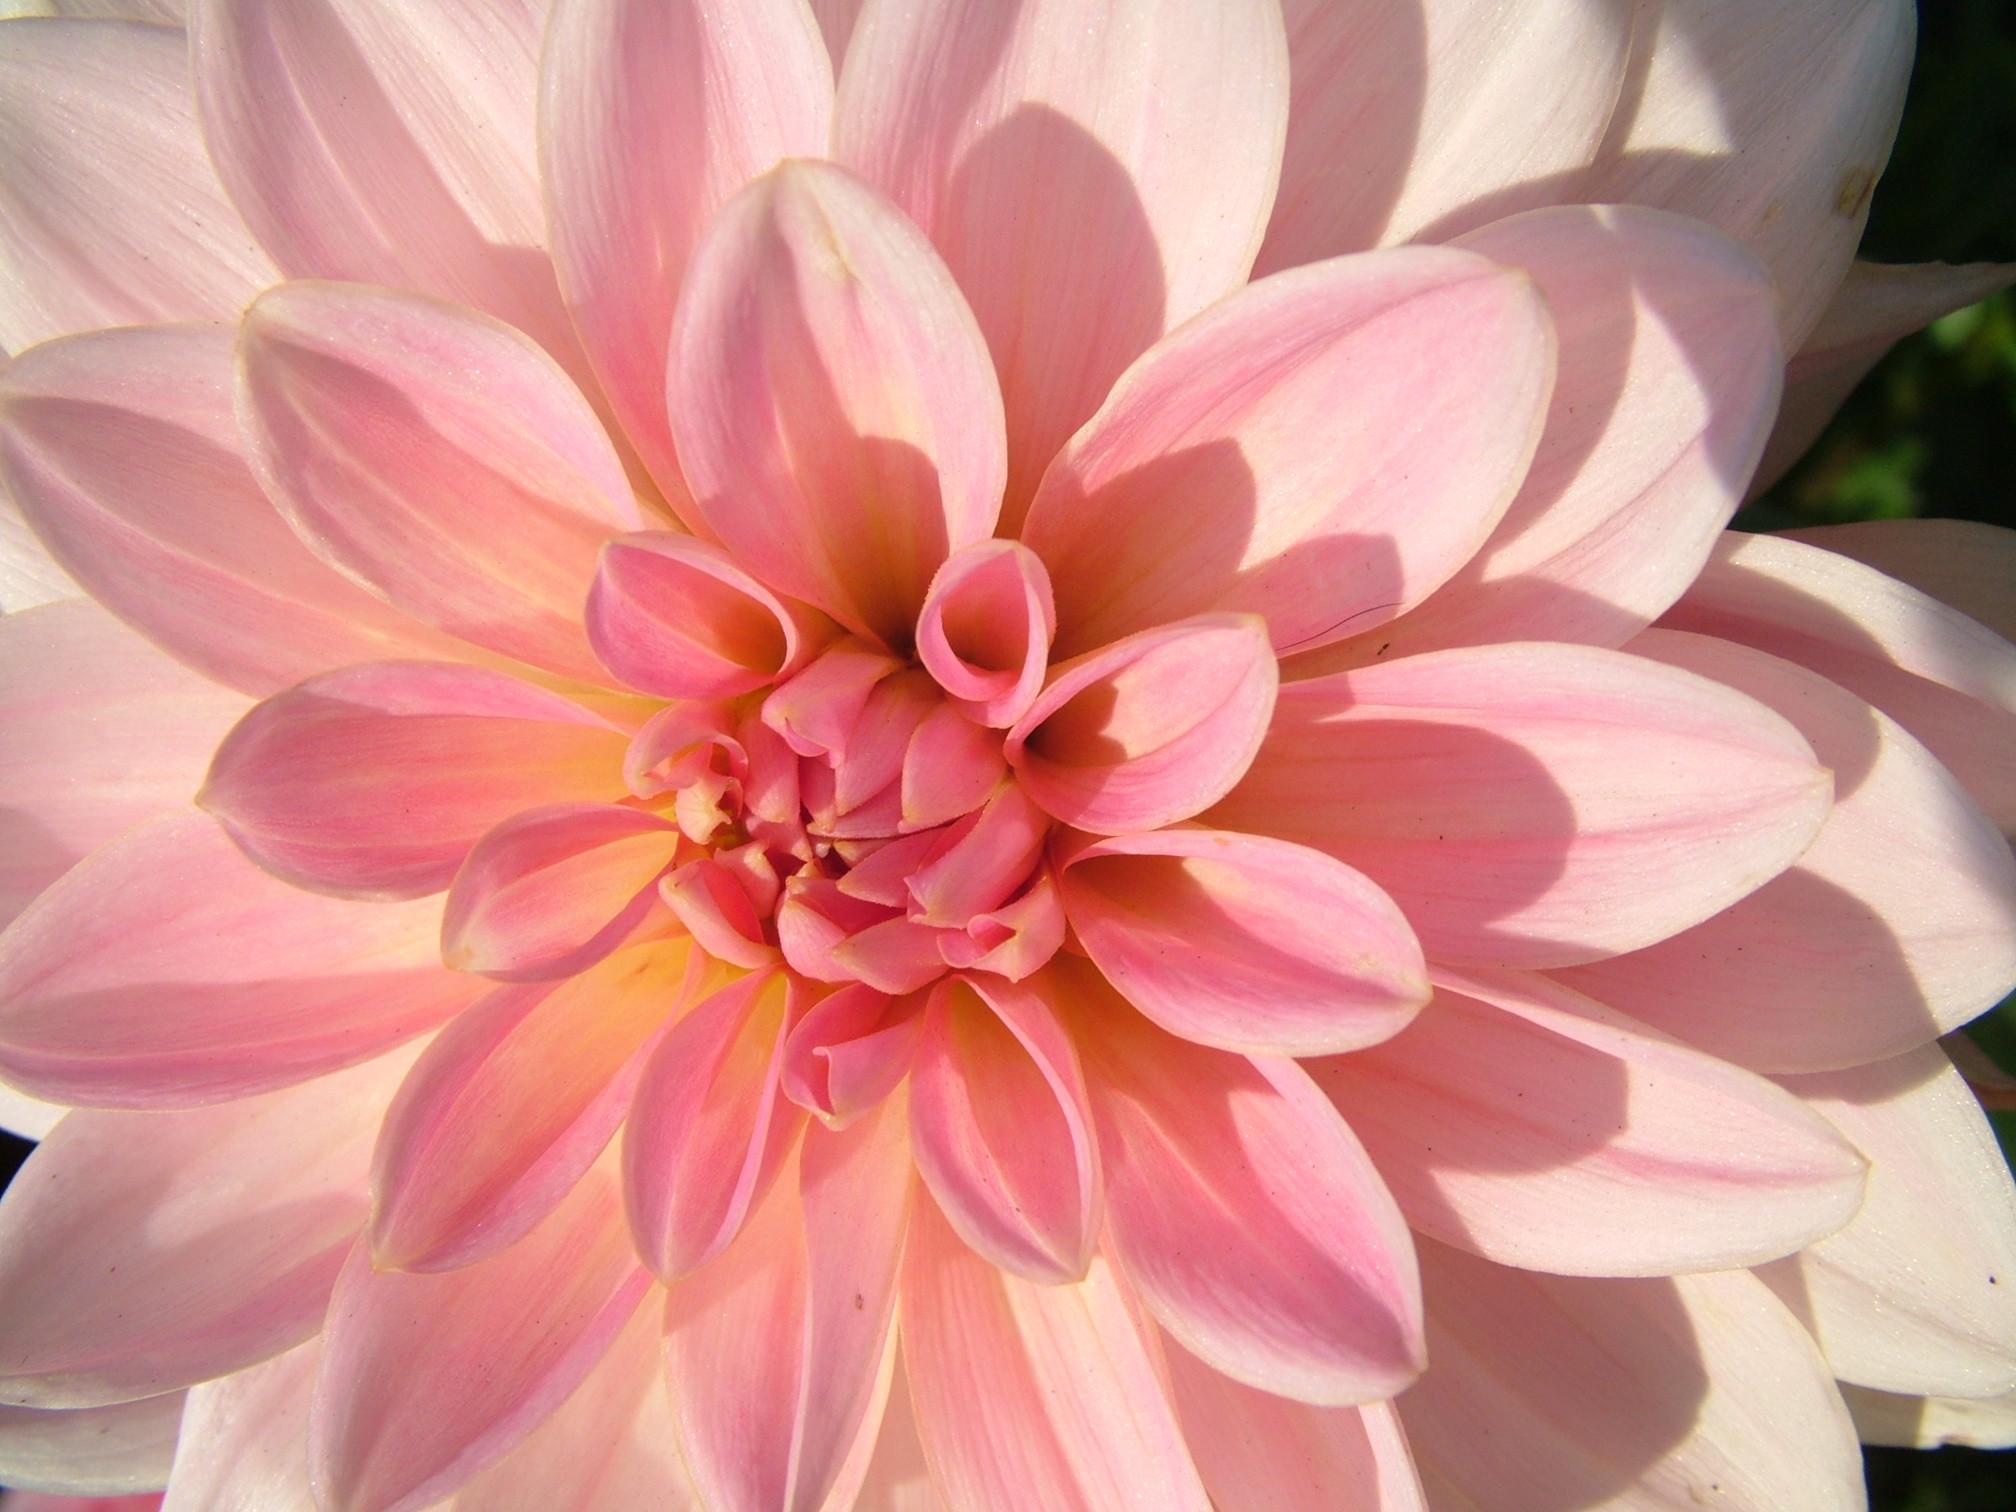 Pink Flower Desktop Wallpaper (70+ Images